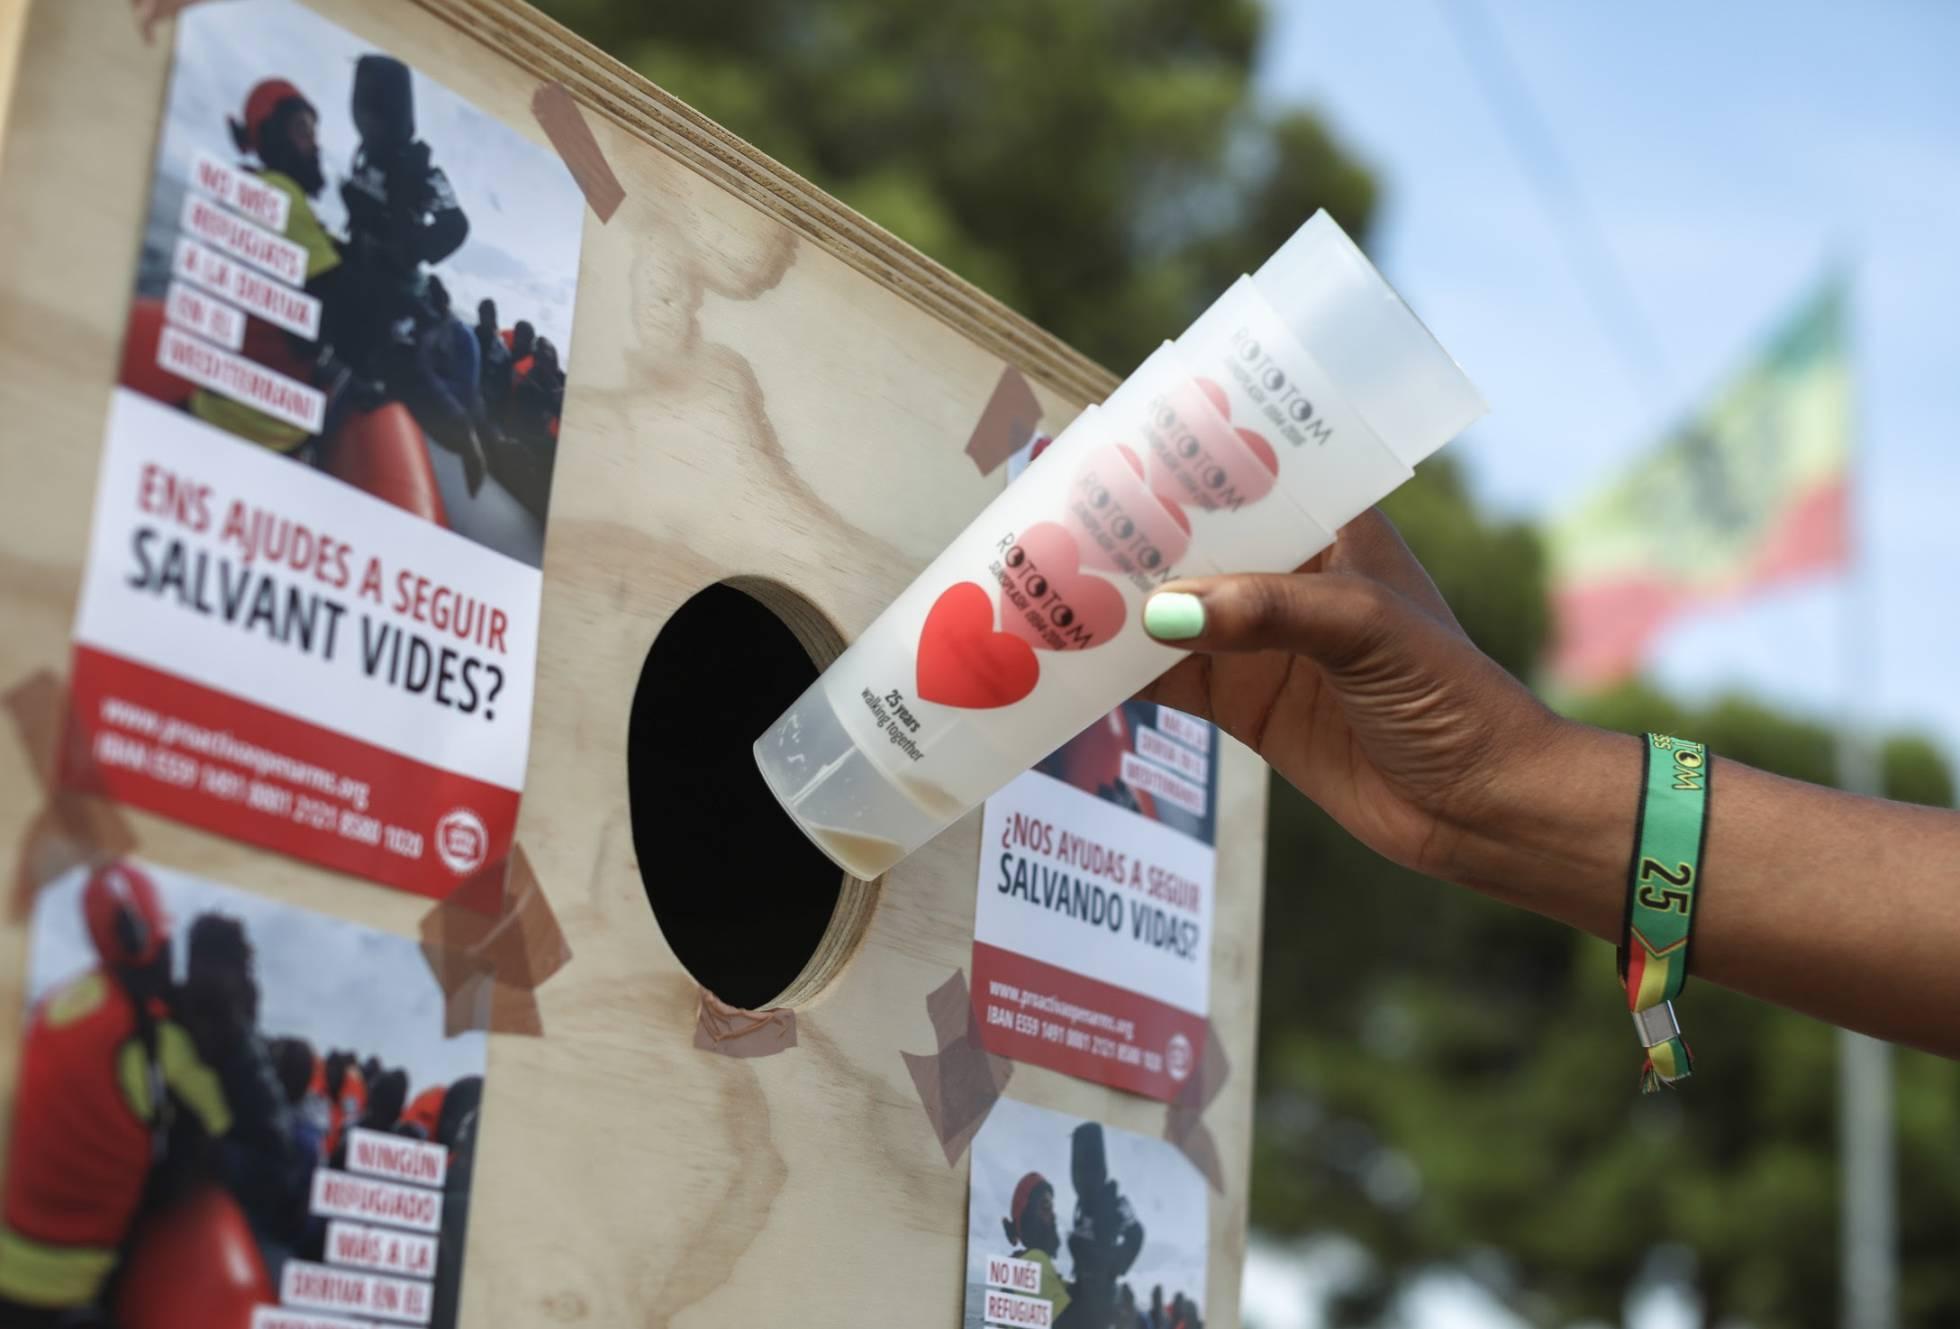 Фестиваль регги в провинции Кастельон будет посвящен изменениям климата